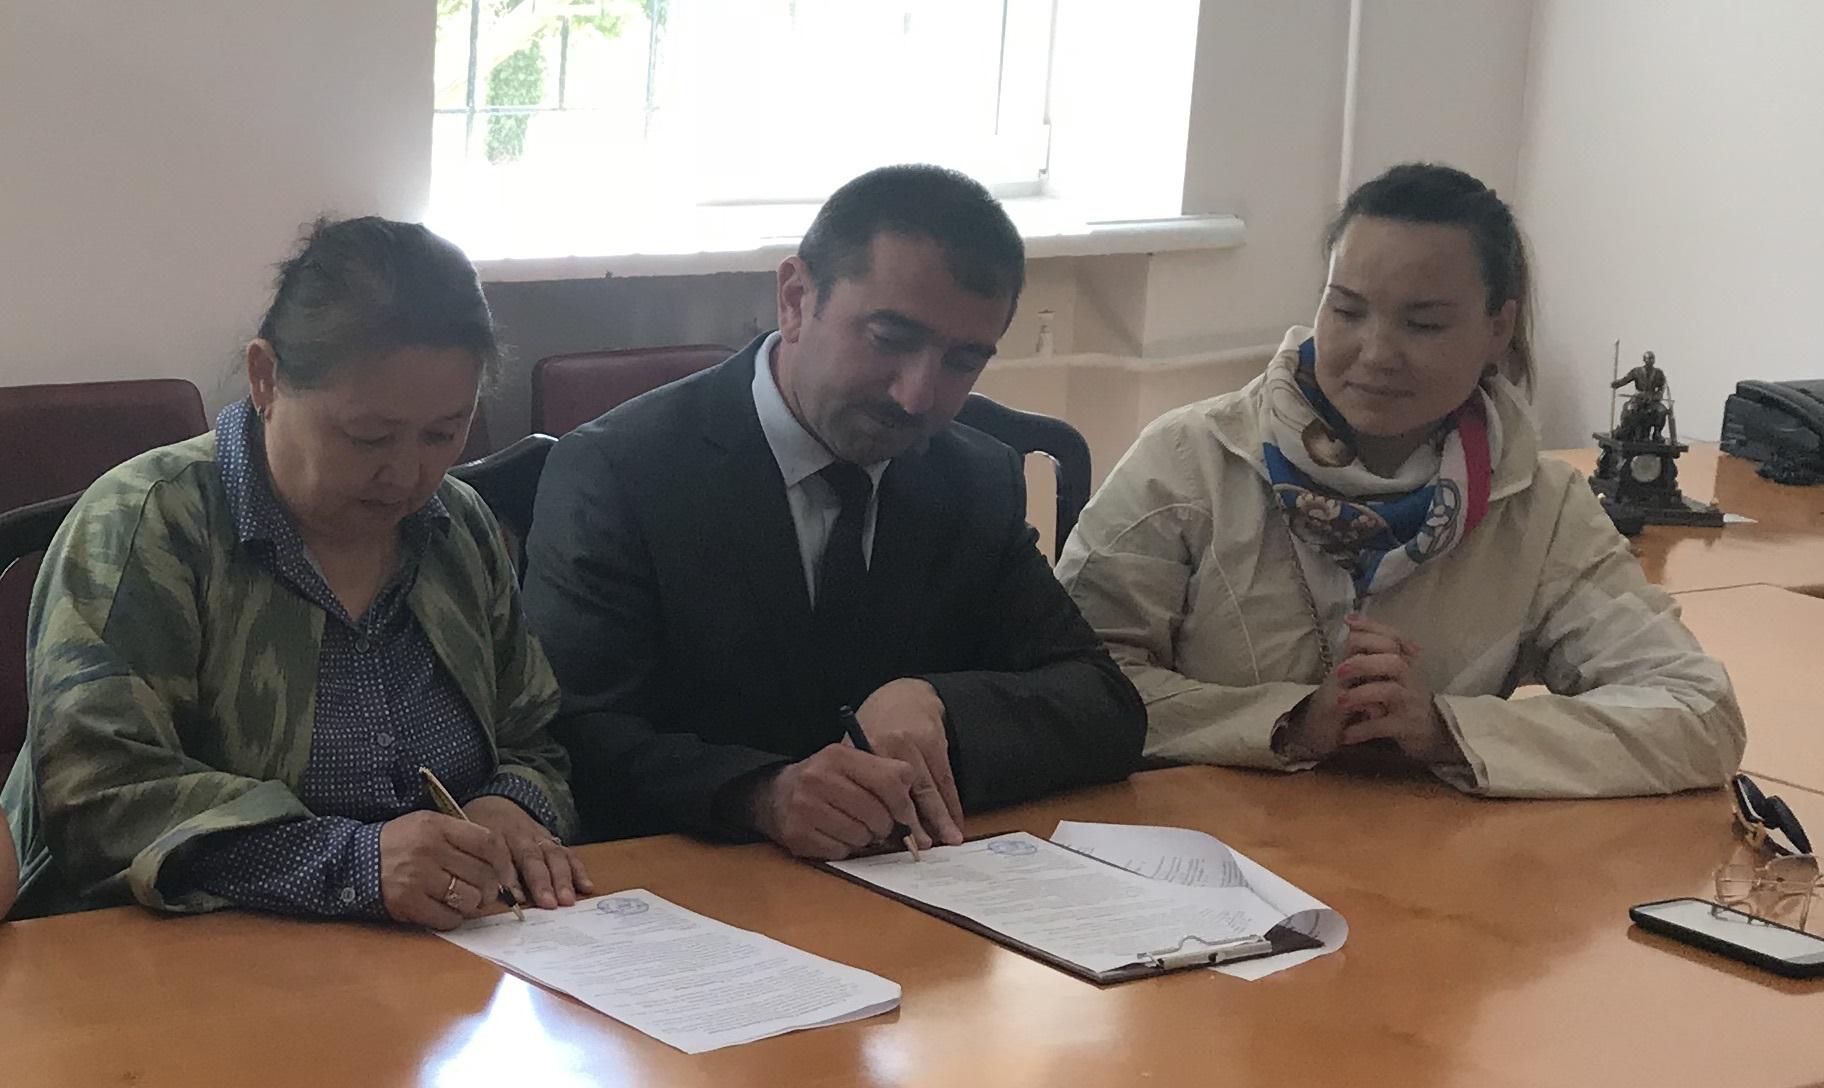 AMEA Mərkəzi Nəbatat Baği yeni memorandum imzalayıb